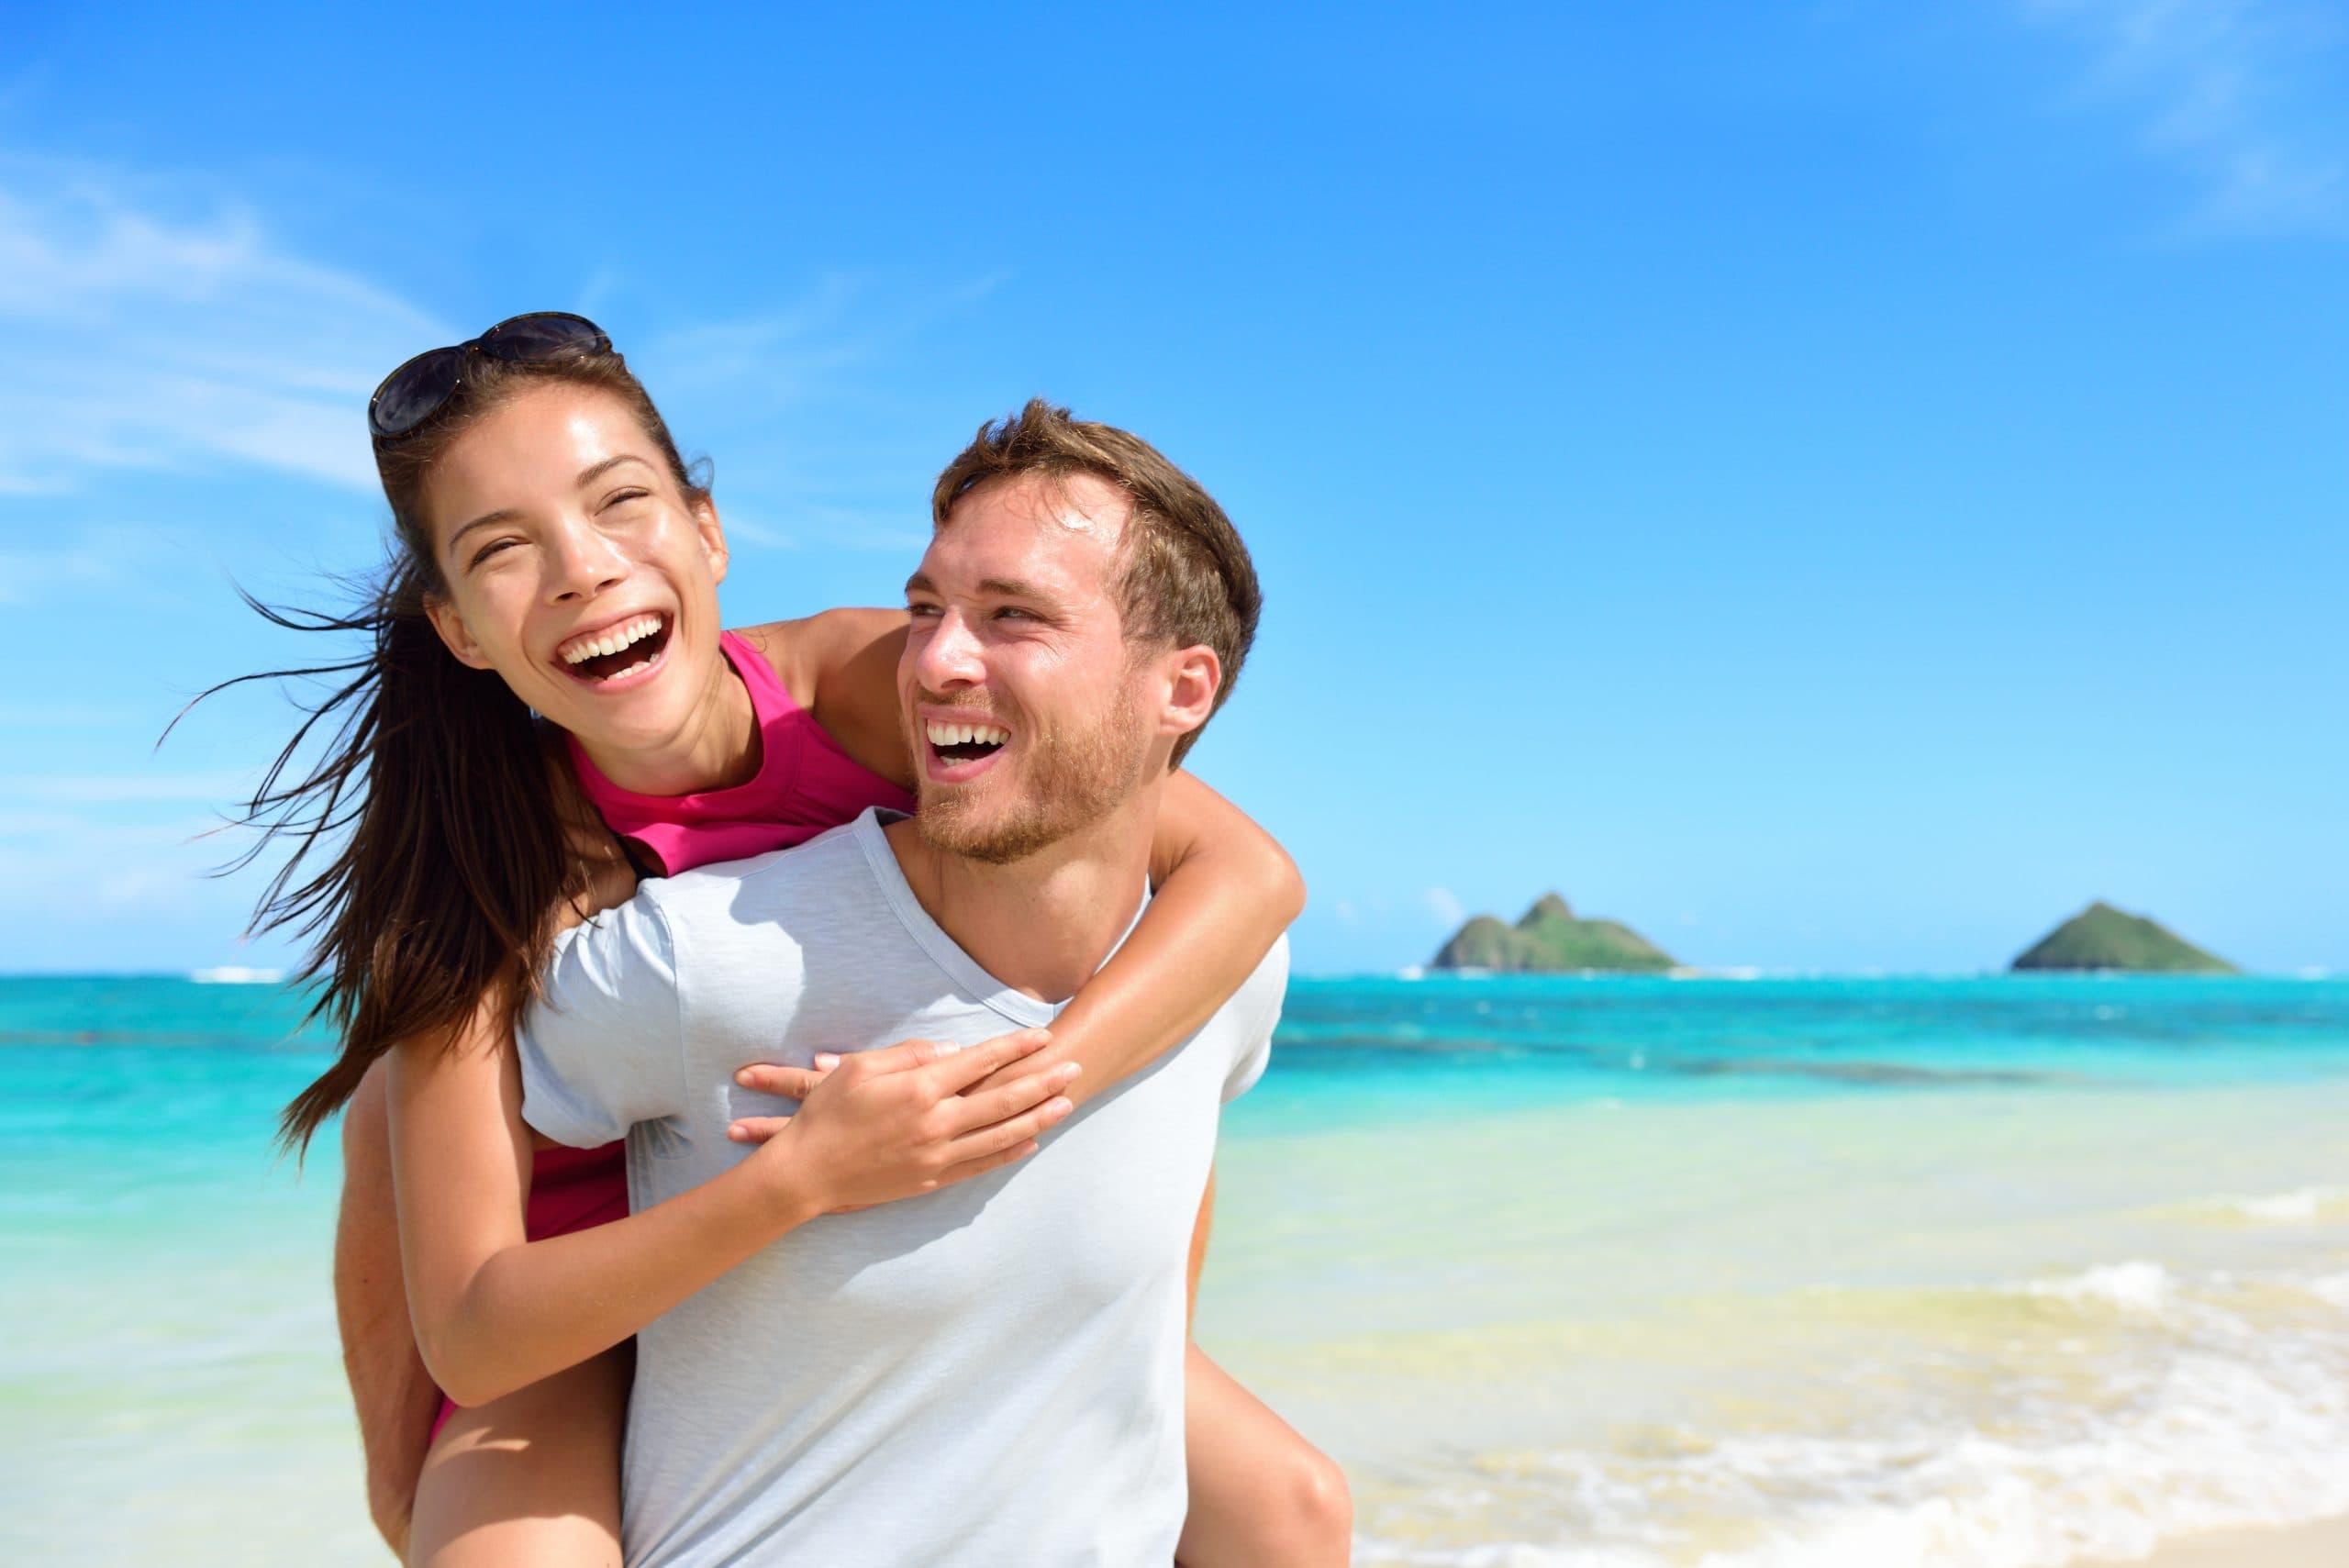 Тест: Проверьте свою туристичность и эрудированность